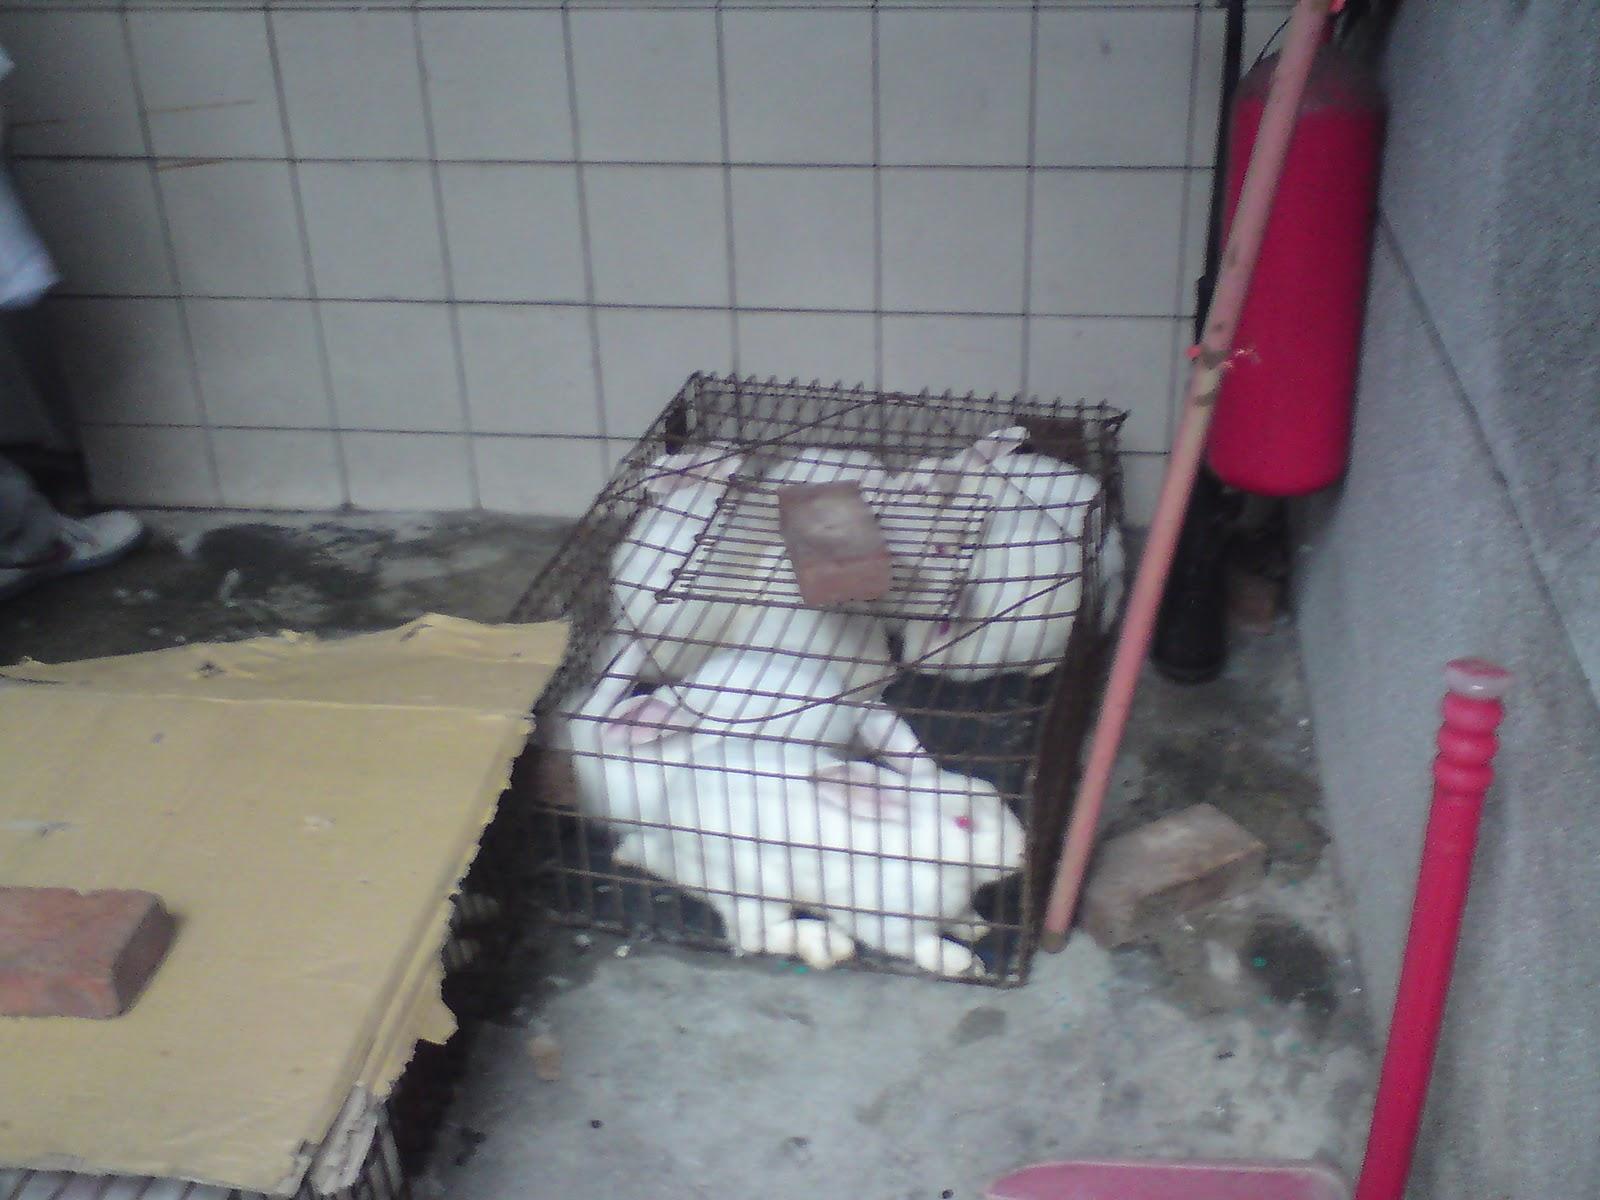 OAO: 實驗動物基本概念